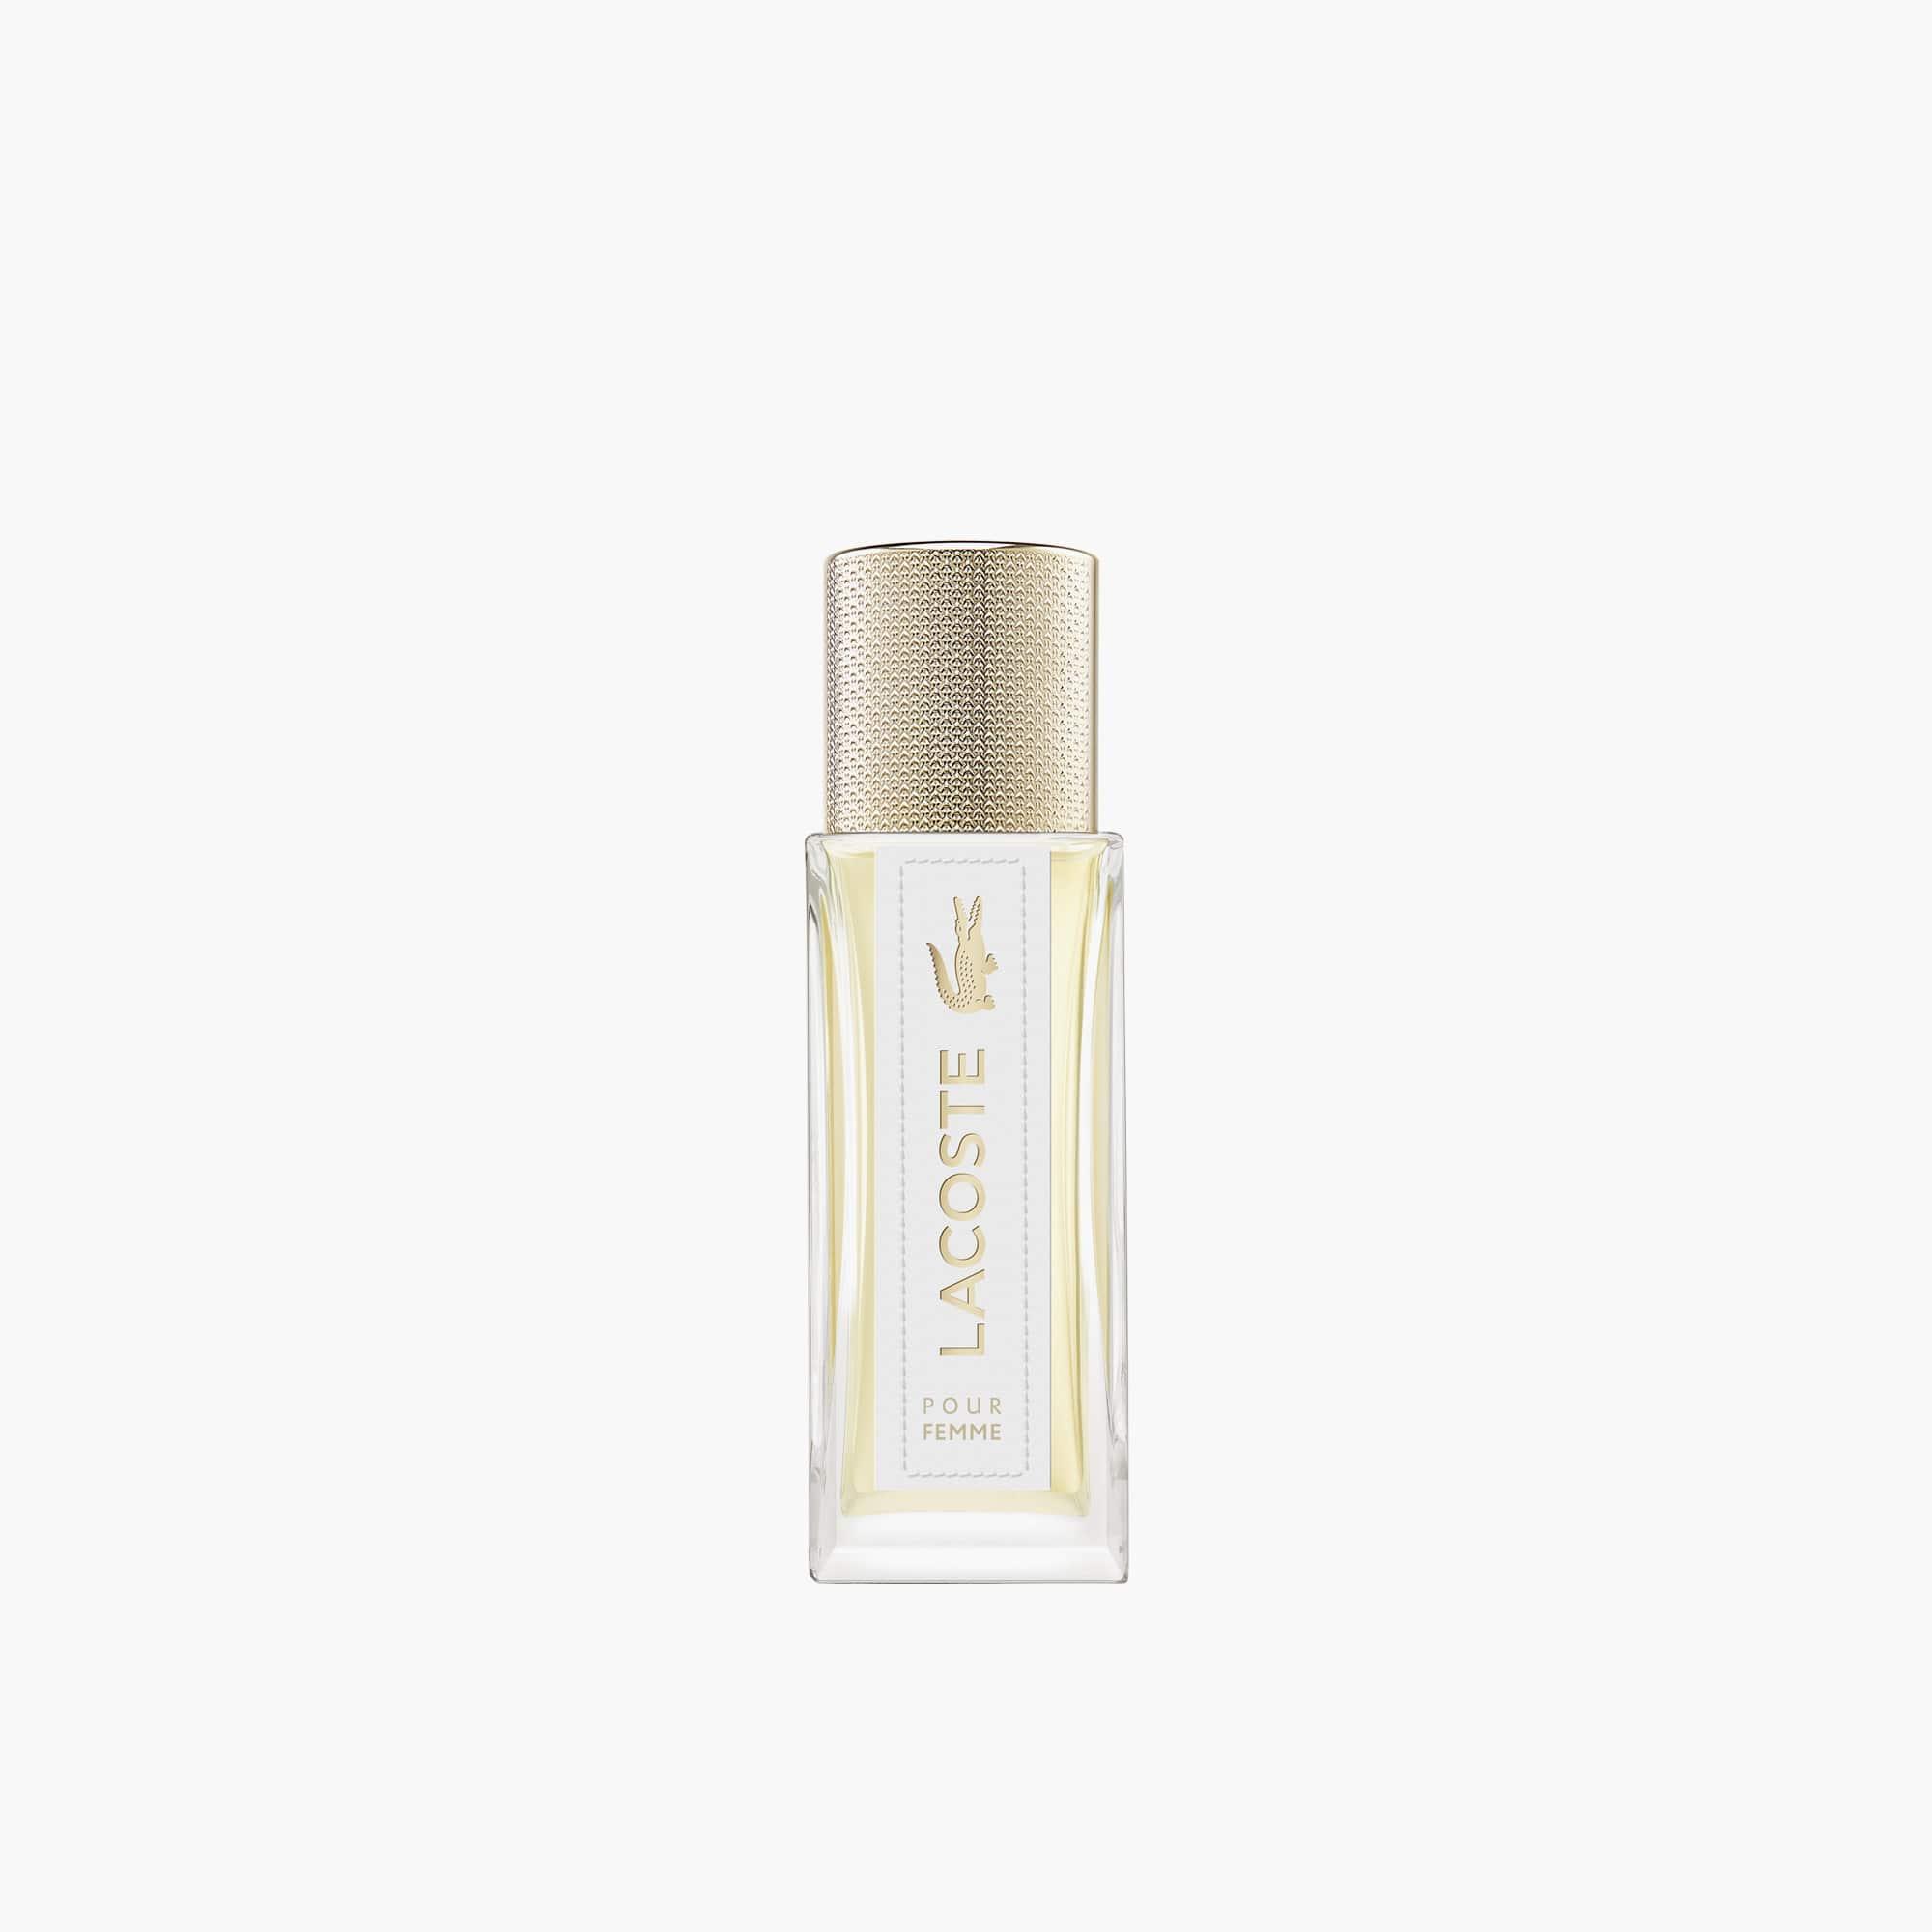 Lacoste Pour Femme Eau de Parfum Légère 30ml